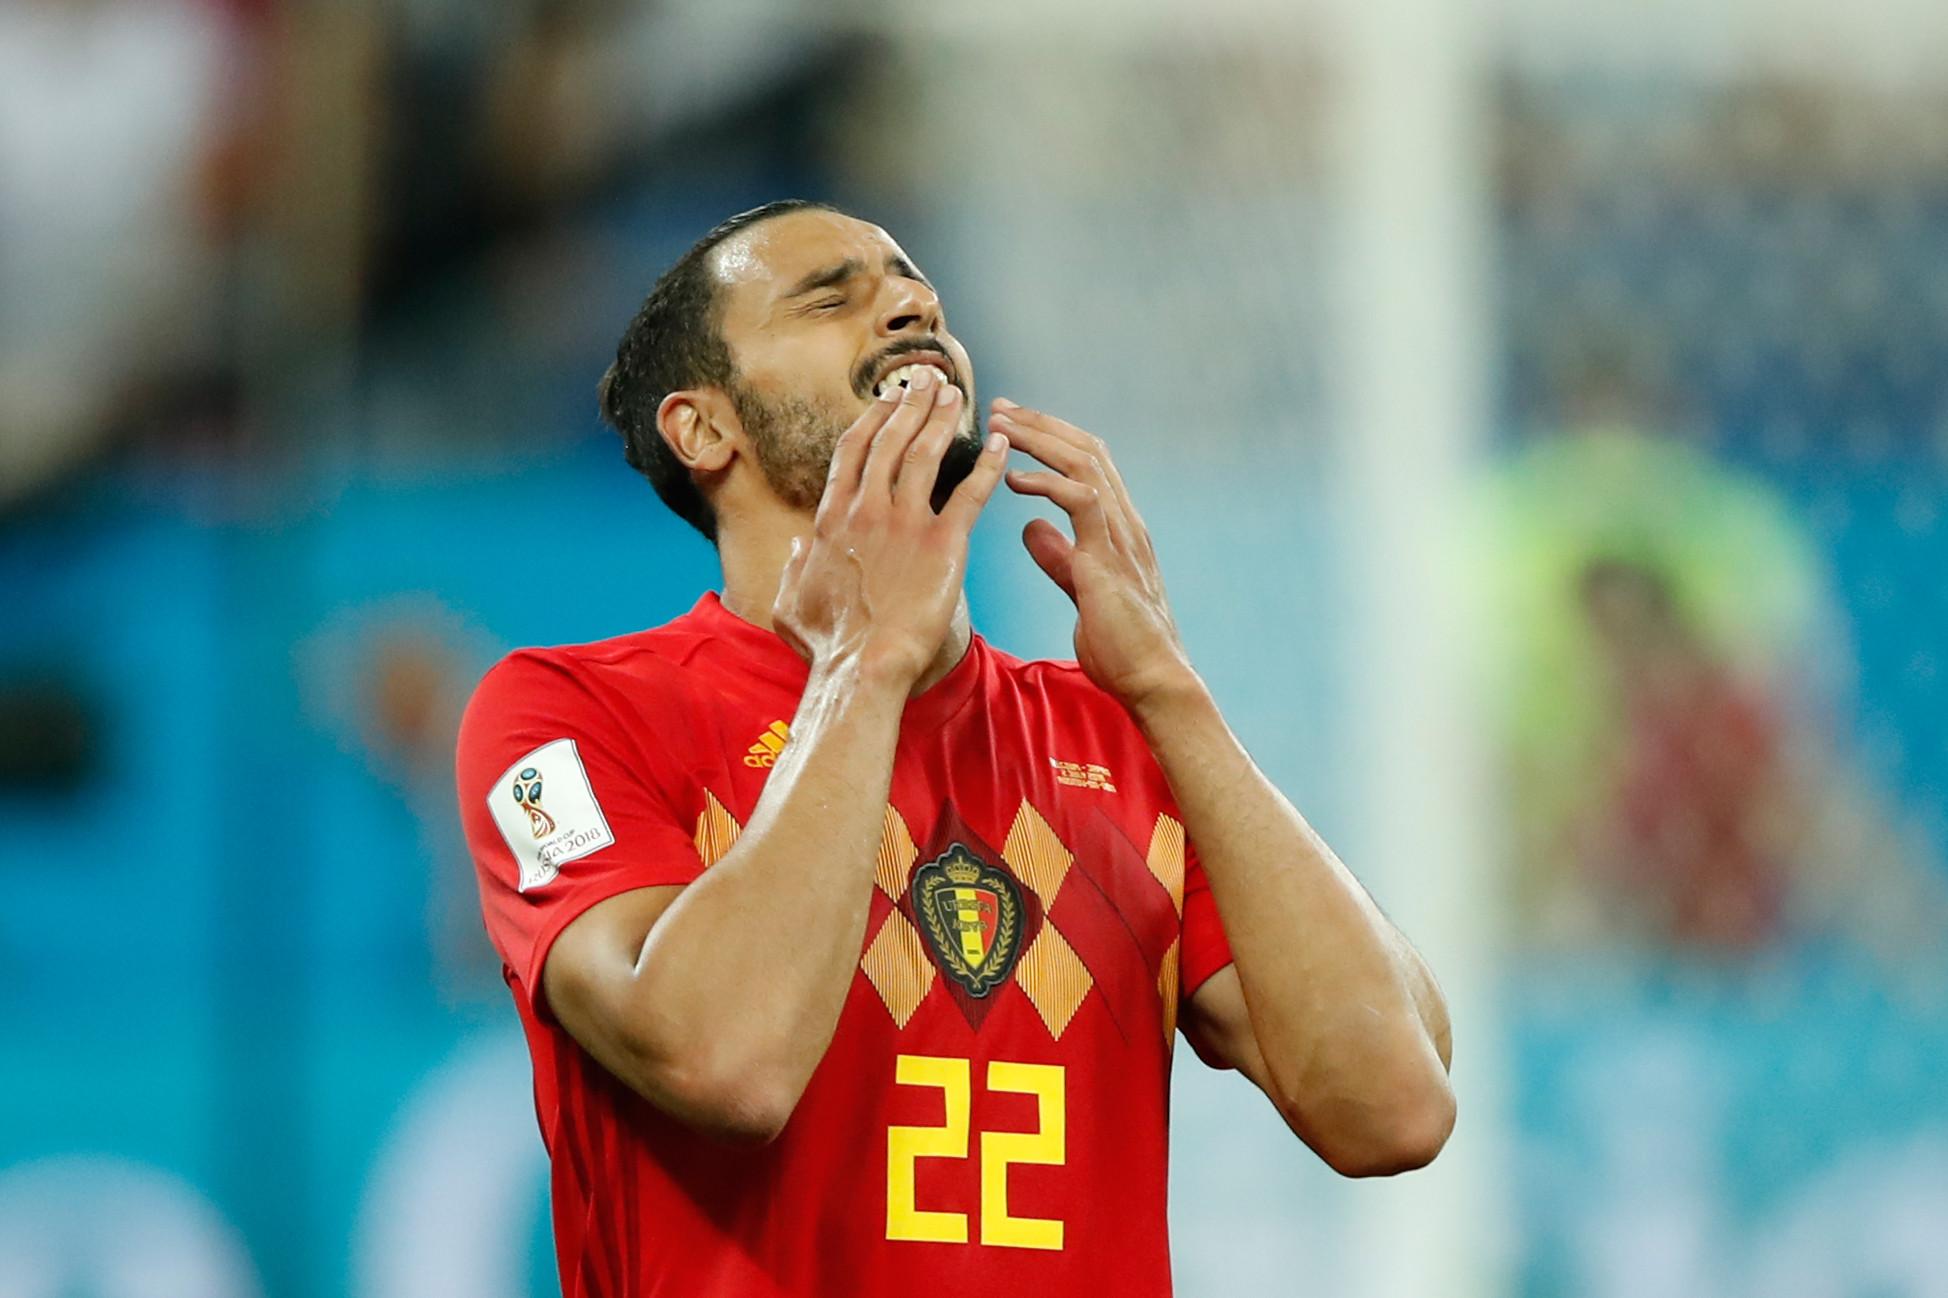 Nacer Chadli scored an injury-time winner as Belgium beat Japan 3-2 ©Getty Images